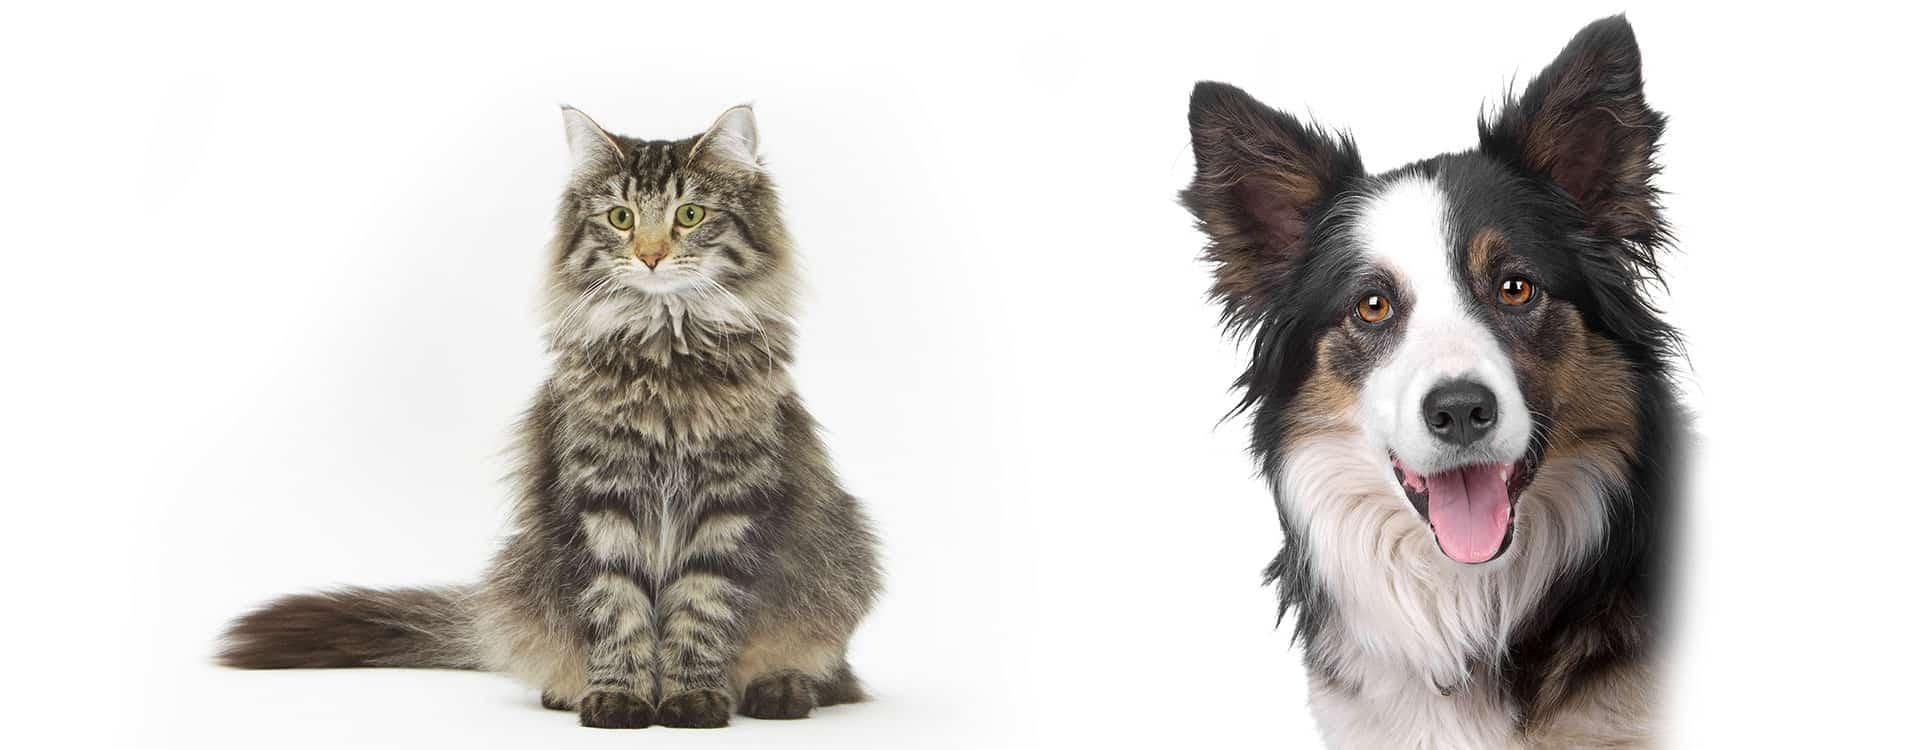 weterynarz...Wieloletnie doświadczenie w leczeniu zwierząt...